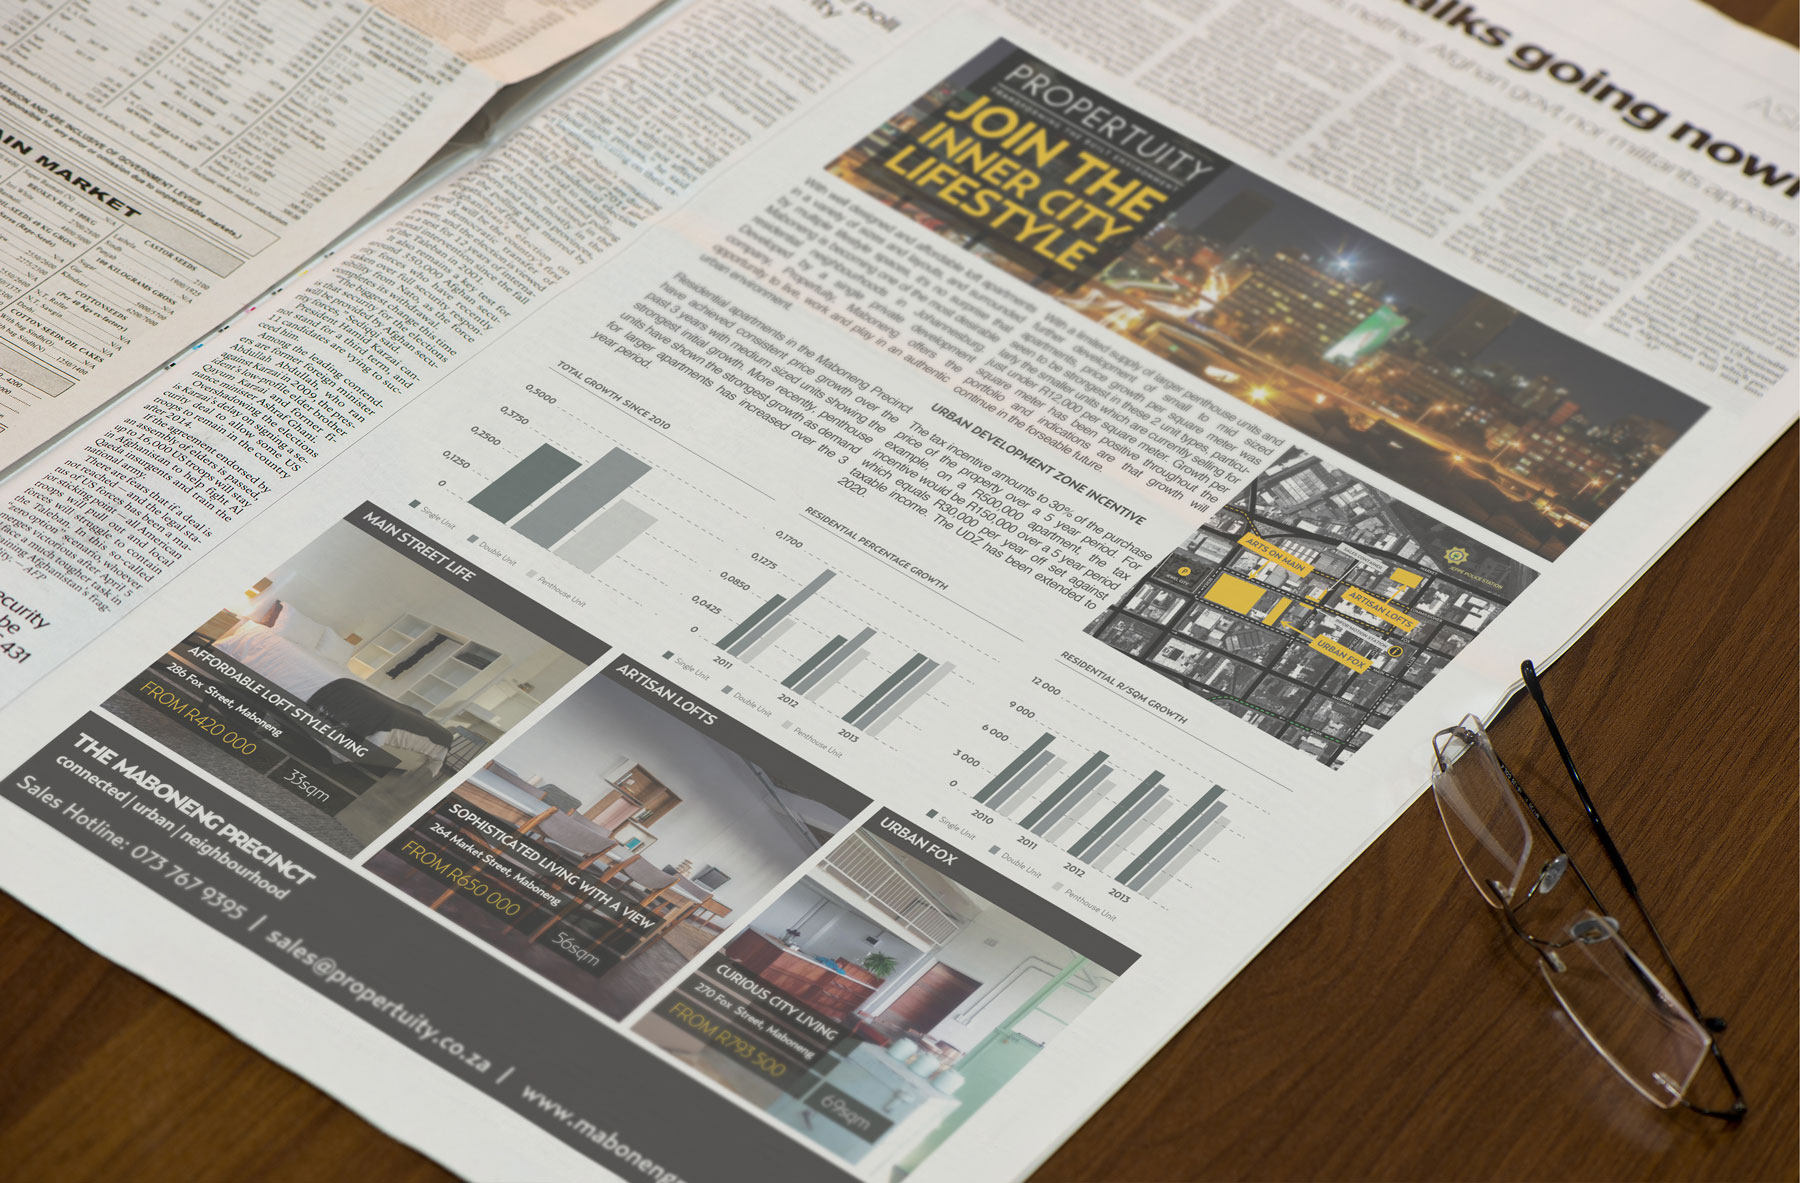 Maboneng_news-paper-ads_3_220914